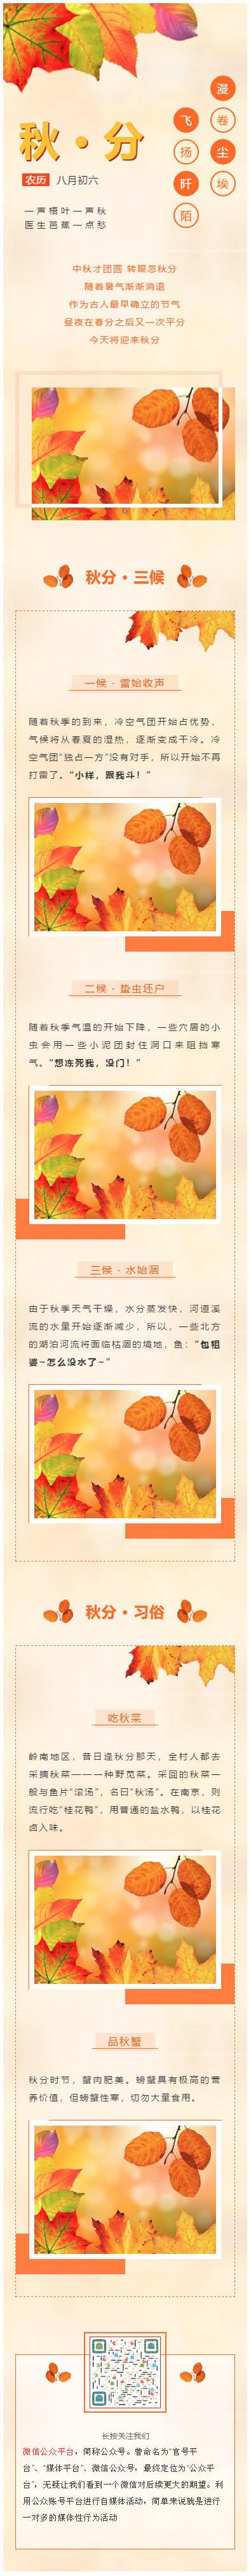 秋分二十四节气秋天黄色落叶风格微信公众号推文模板推送图文素材